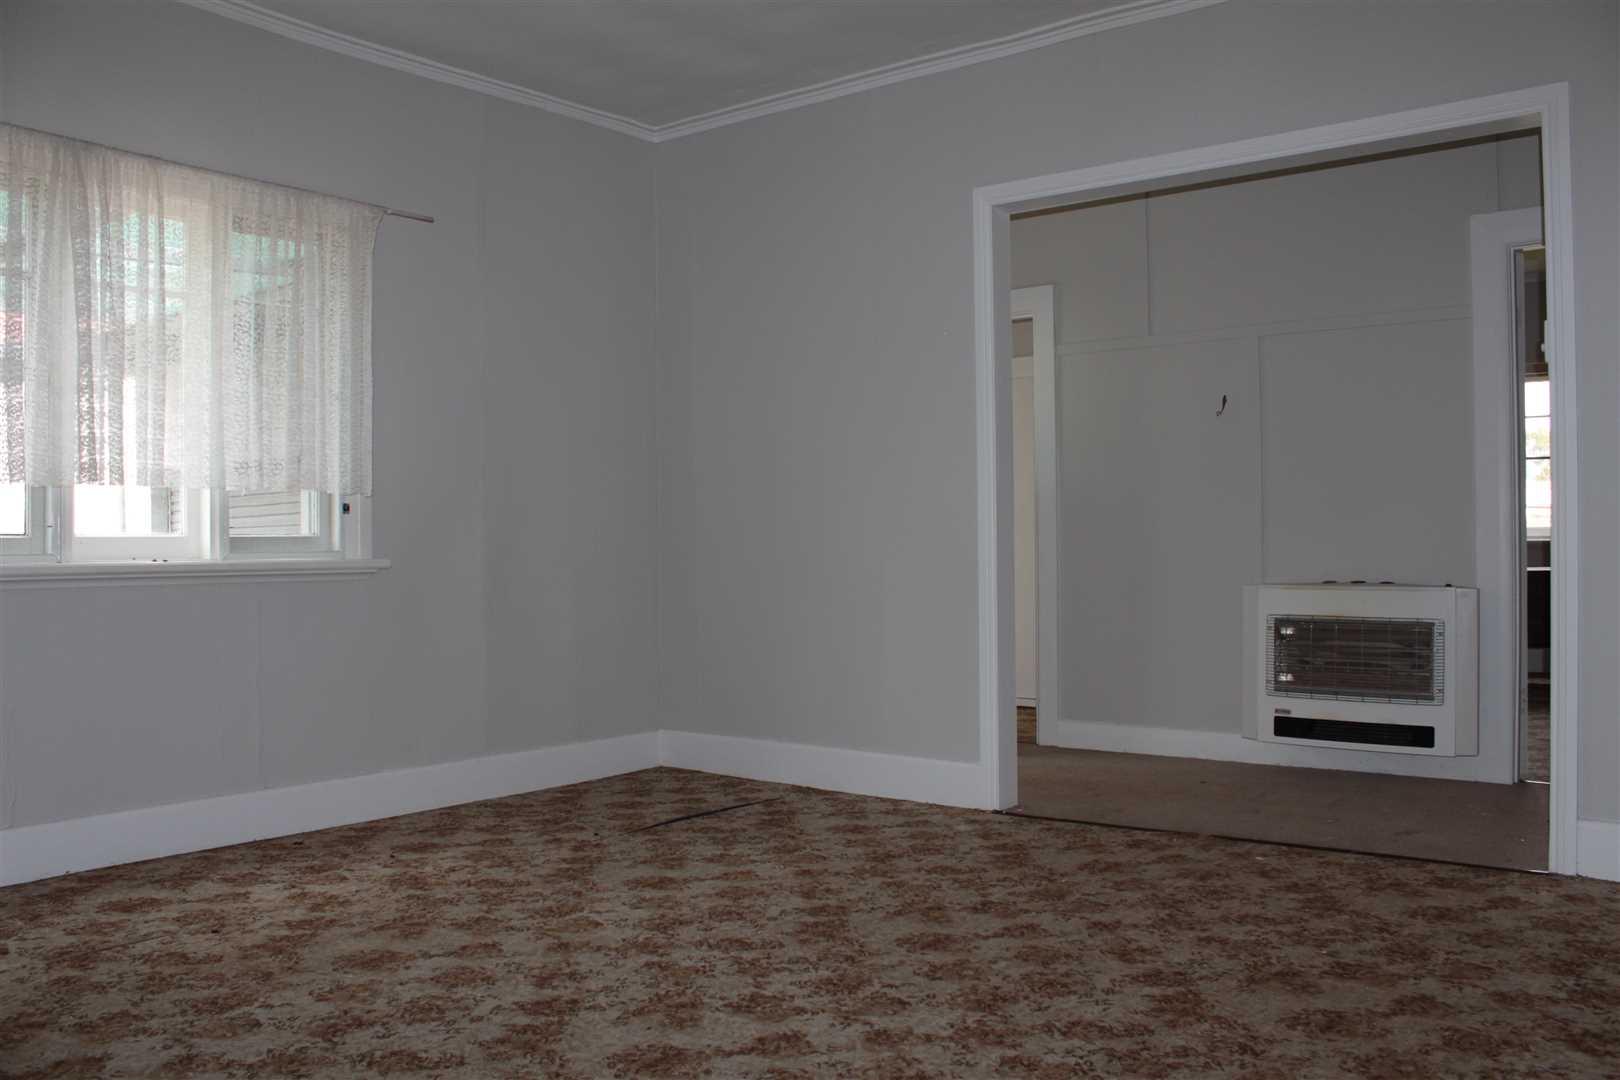 Lounge Room/Hallway